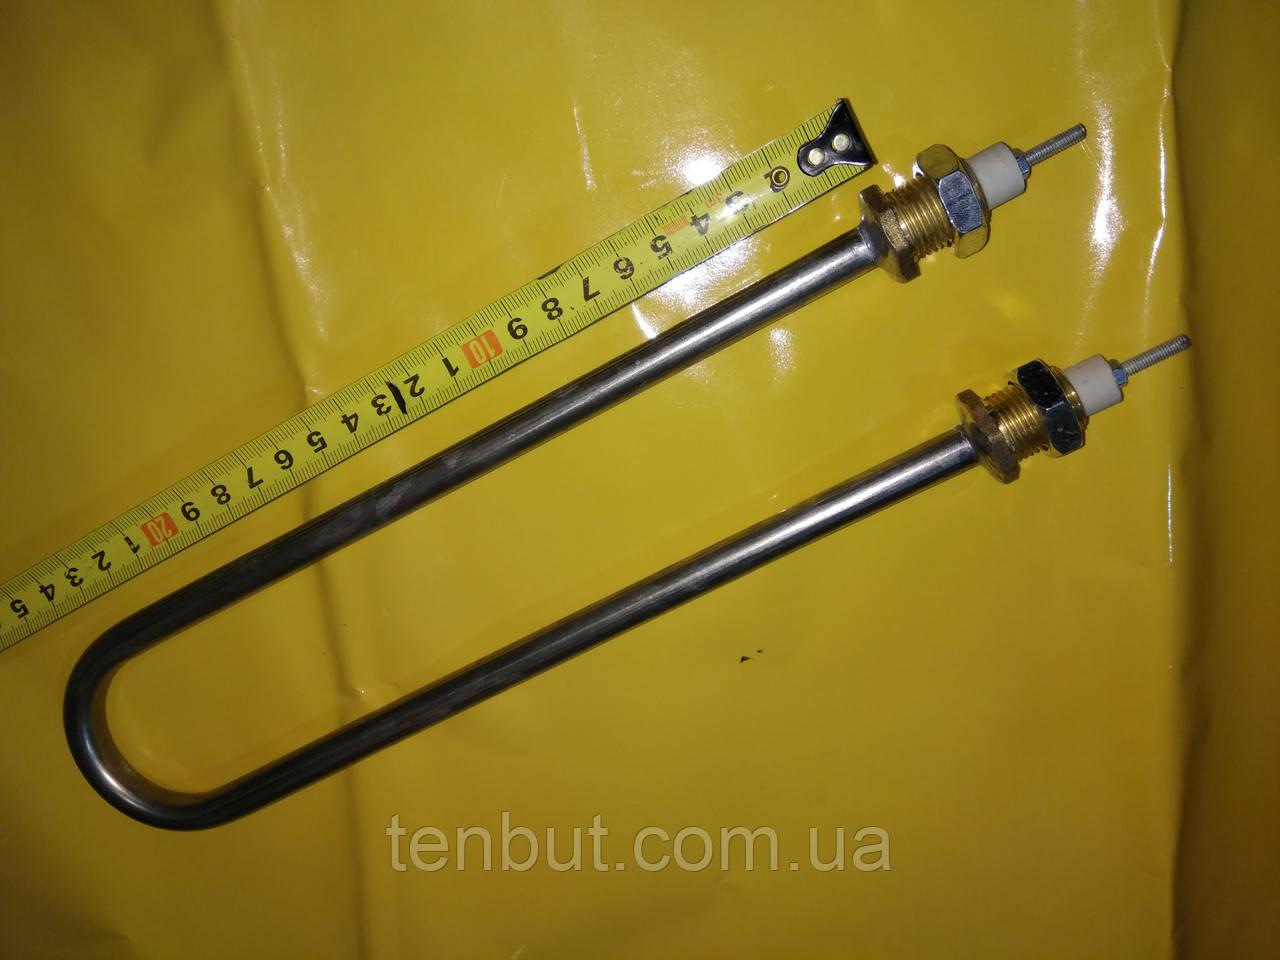 Нержавеющий тэн дуга для дистиллированния воды 2.0 кВт. / 220 В. резьба м-18 мм. Украина .